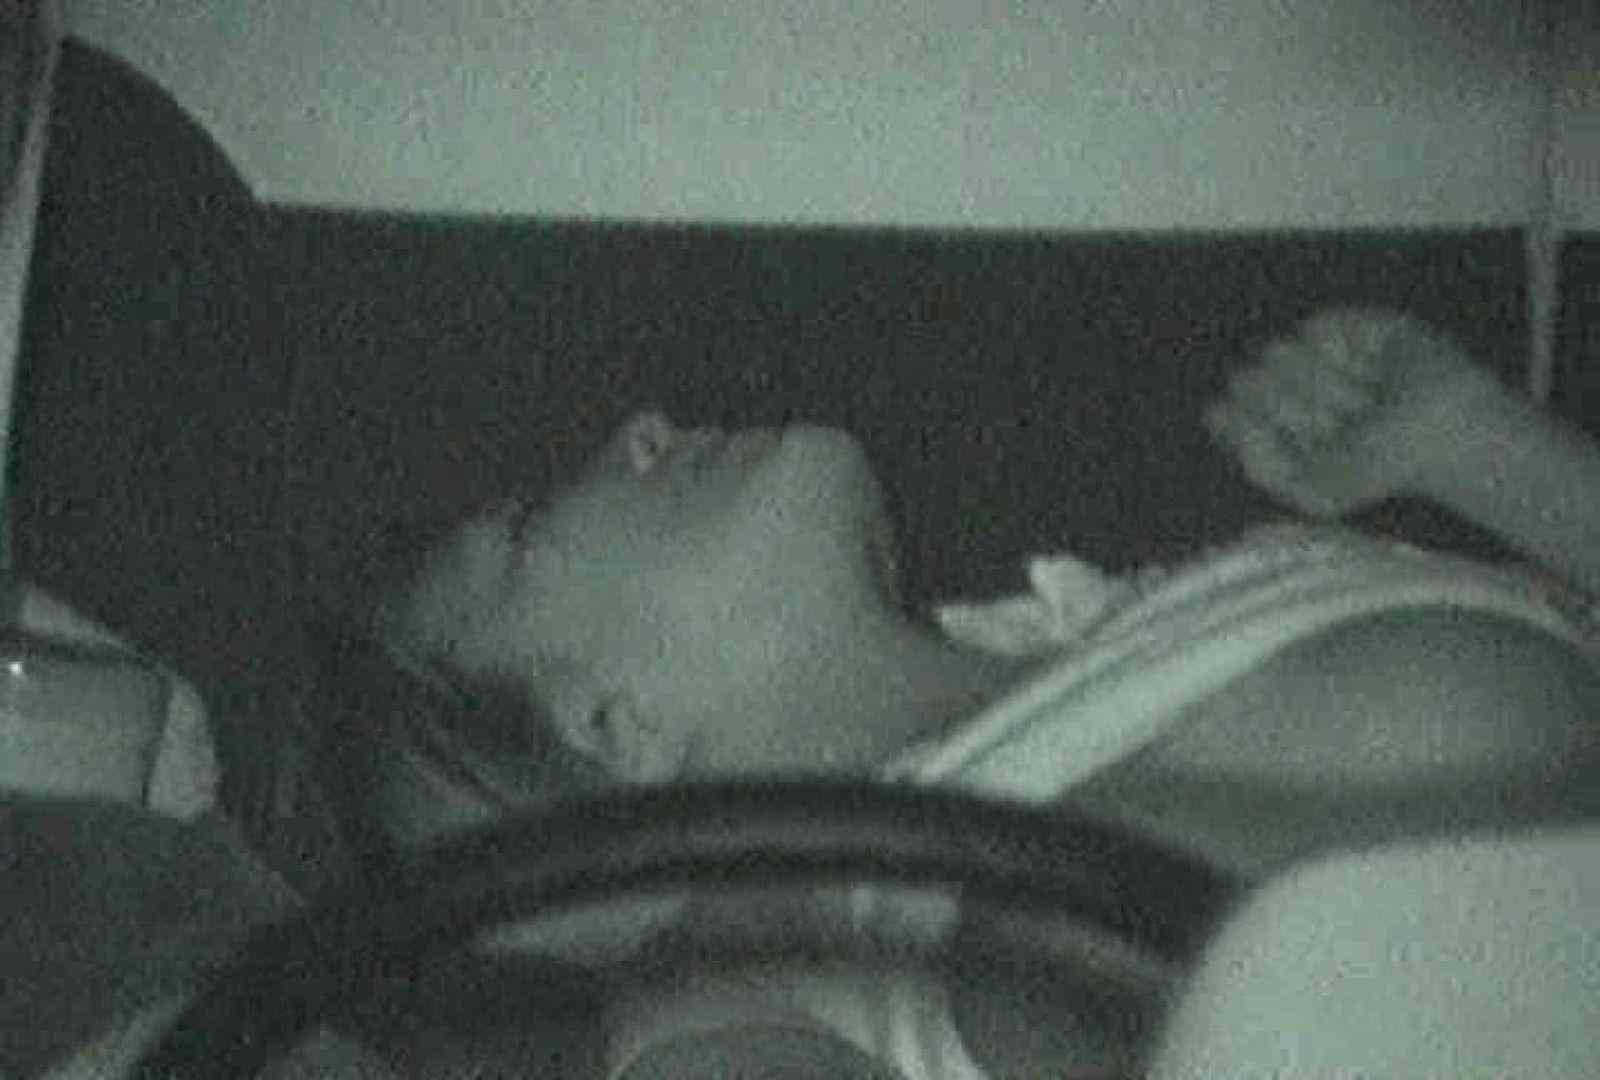 充血監督の深夜の運動会Vol.92 Hなお姉さん オマンコ無修正動画無料 97pic 28